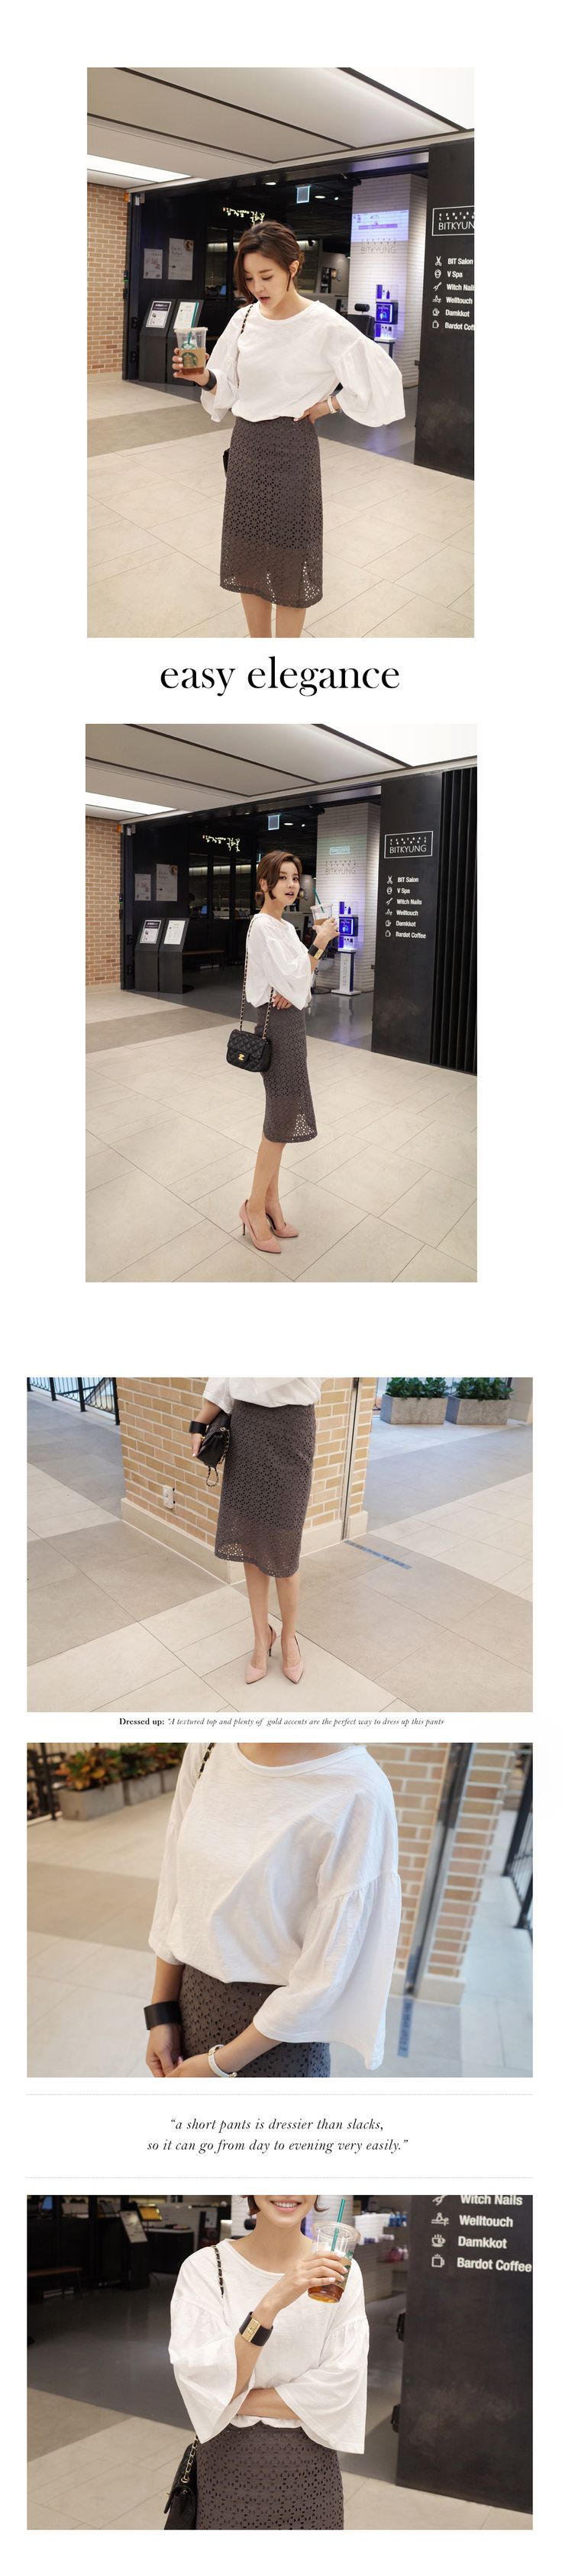 パンチングレースタイトミディスカート・全3色ワンピース・スカートスカート|大人のレディースファッション通販 HIHOLLIハイホリ [トレンドをプラスした素敵な大人スタイル]